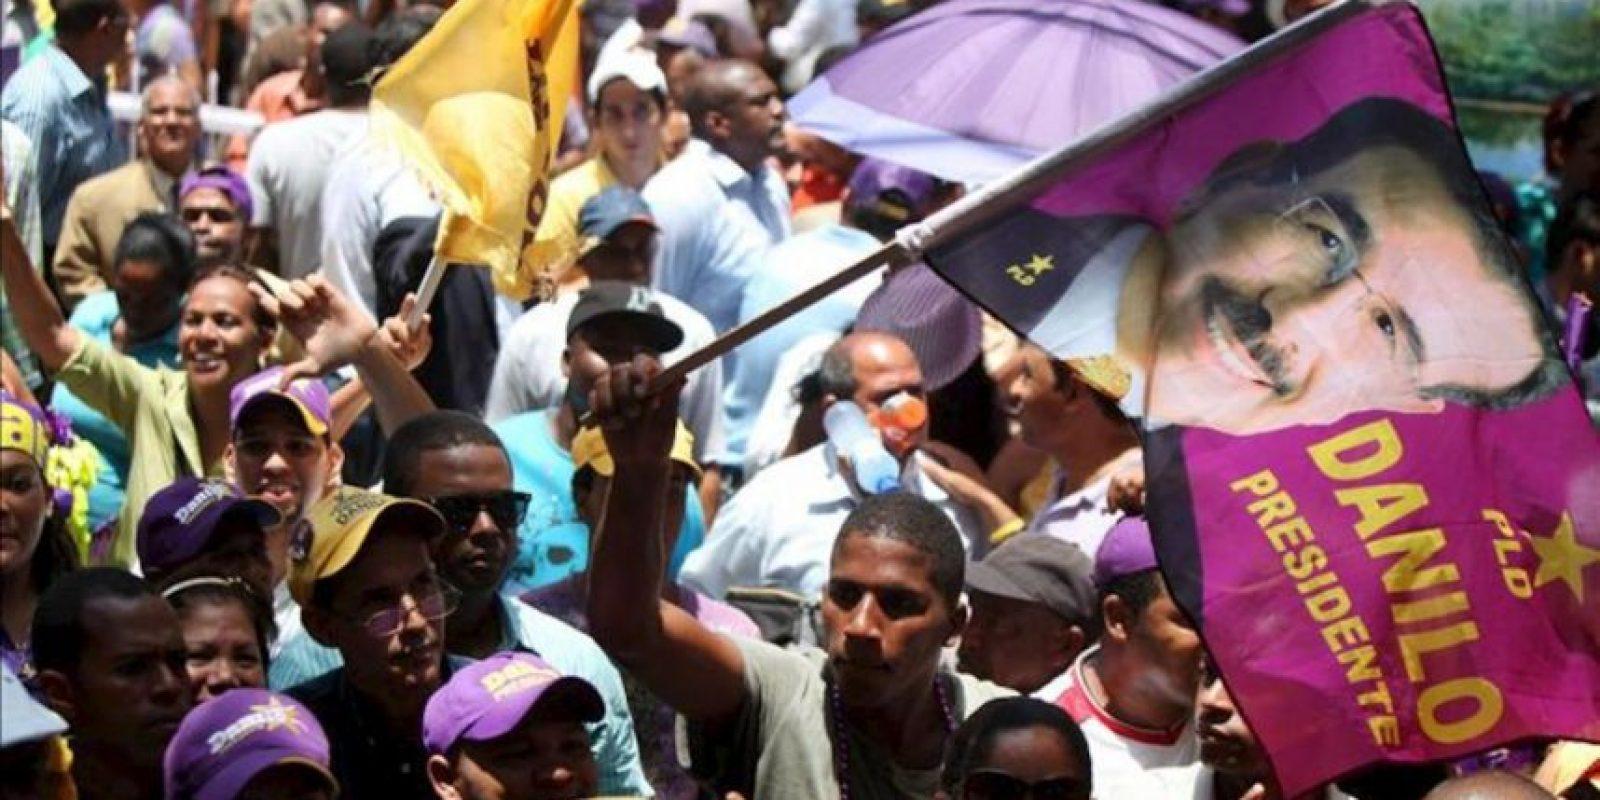 Seguidores del presidente electo de República Dominicana, Danilo Medina, celebran este 21 de mayo el triunfo de su candidato frente a la sede del Partido de la Liberación Dominicana (PLD). EFE